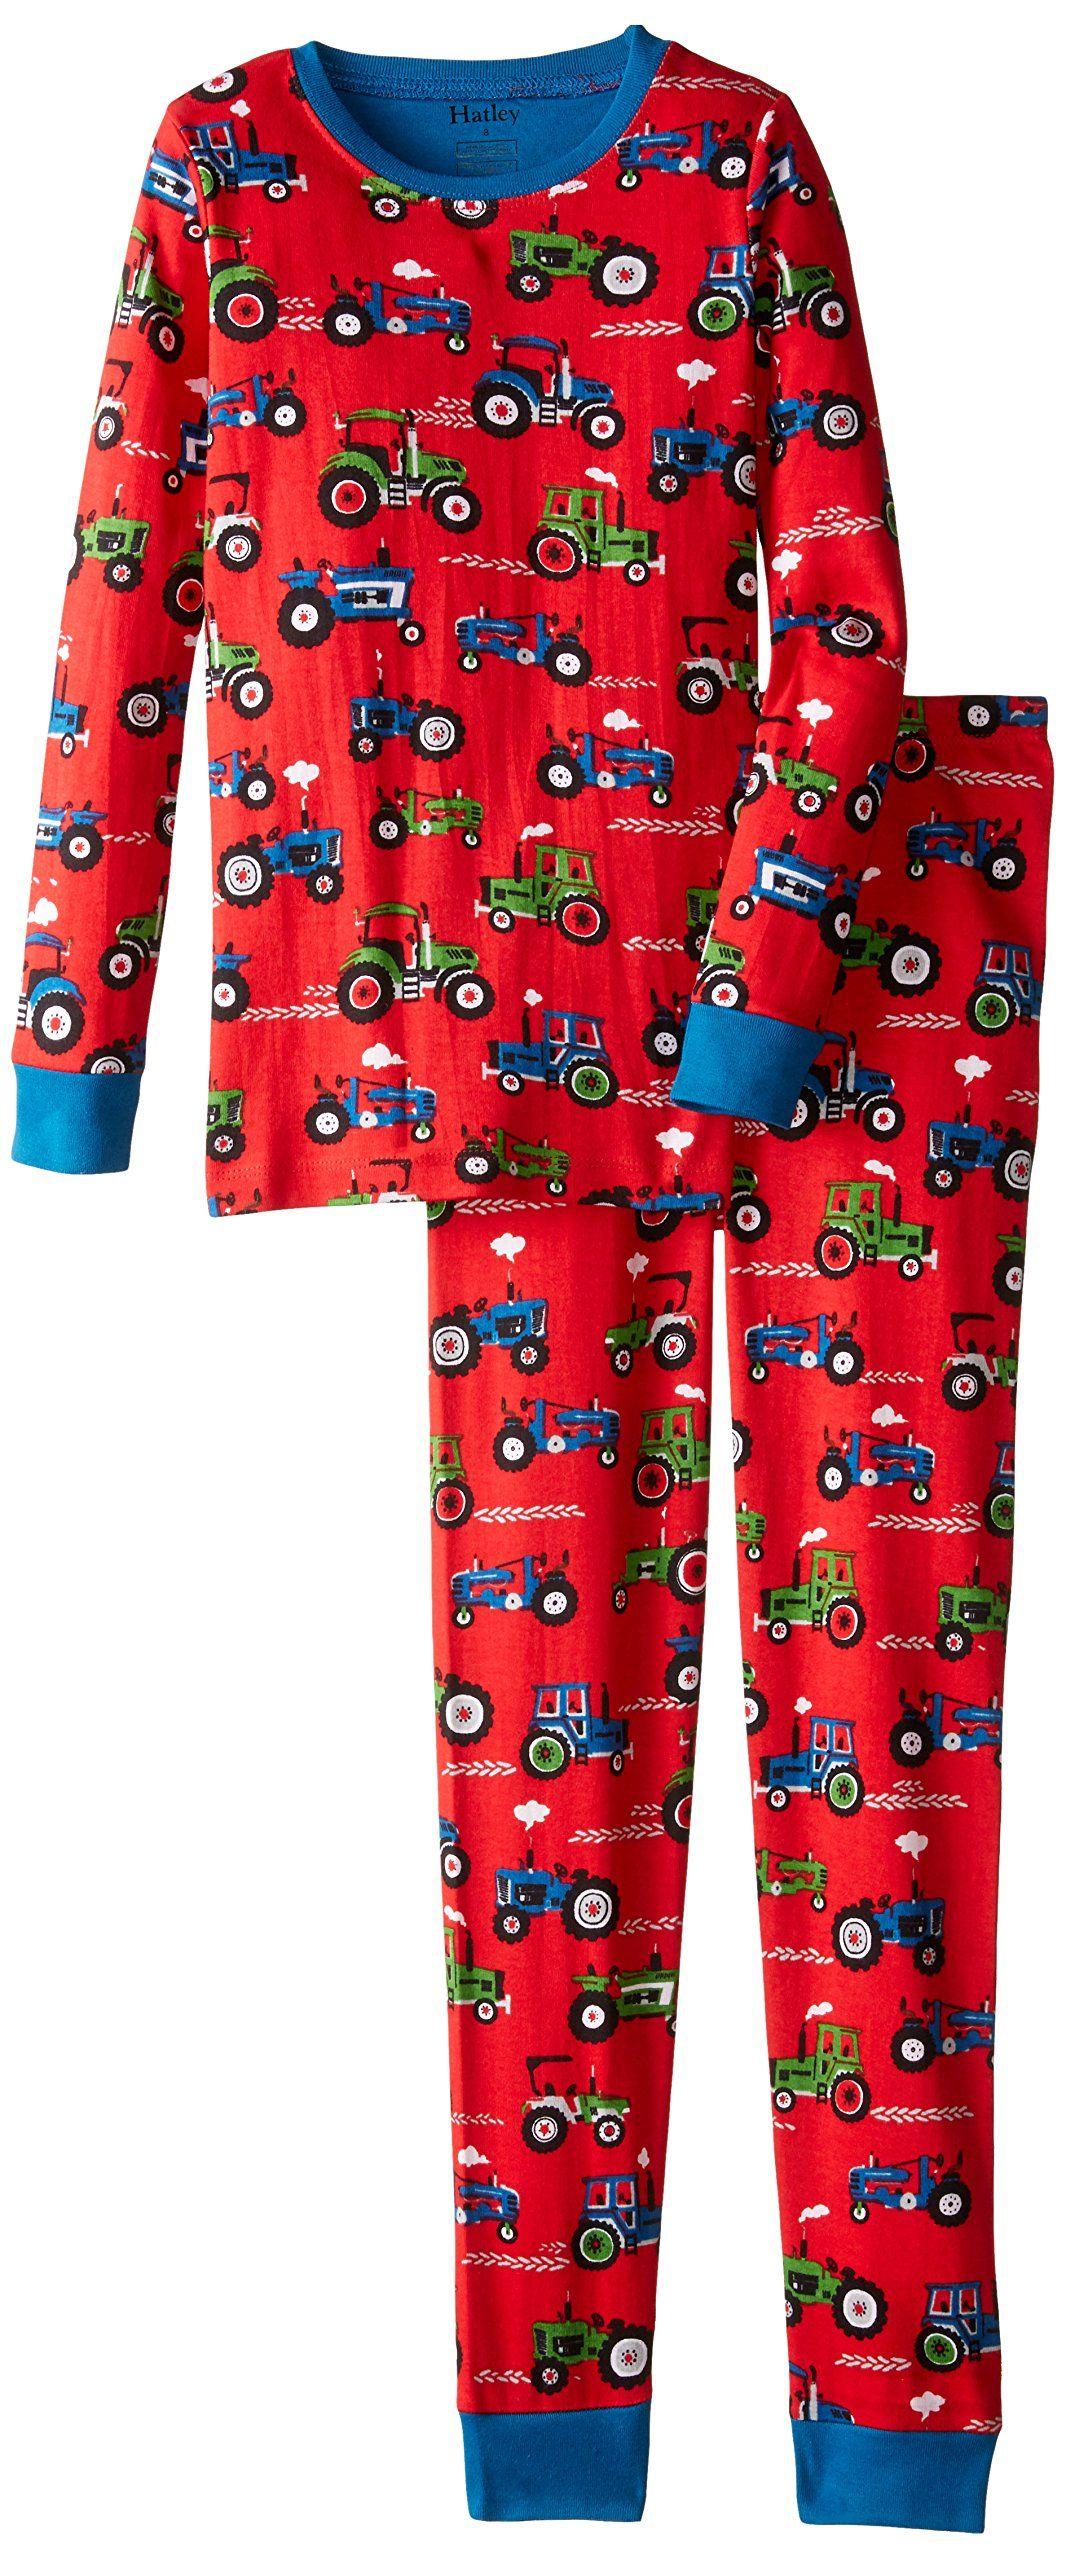 f2038ffc82 Hatley Boy s PJAFAJA010 Farm Tractors Pyjama Set